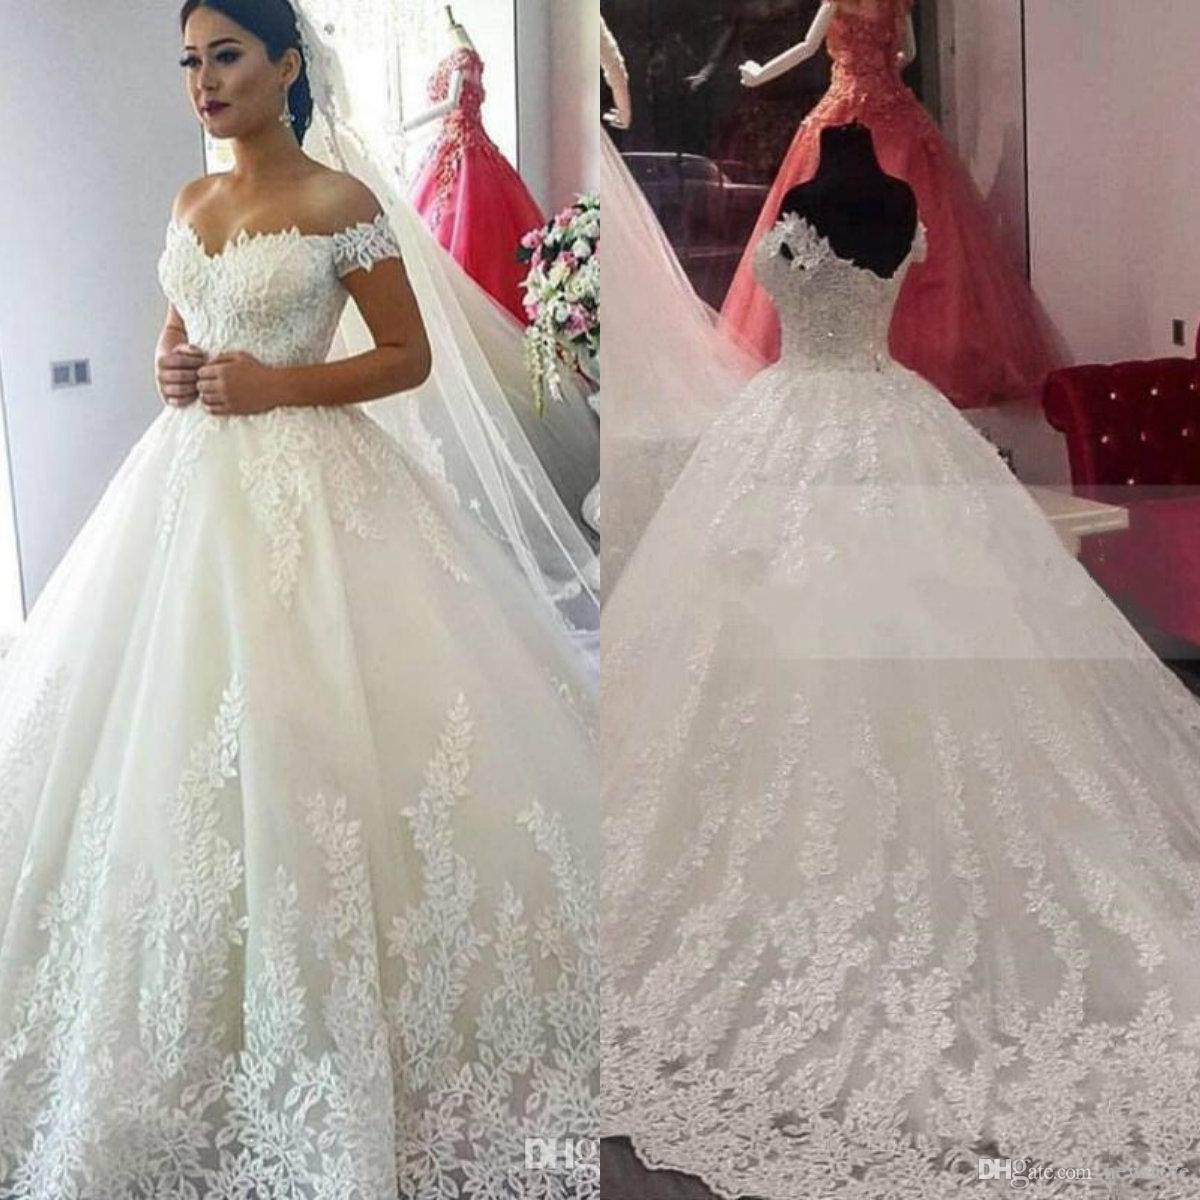 Großhandel 20 Ballkleid Brautkleider Plus Size Lace Off Shoulder  Brautkleider Benutzerdefinierte Spitze Appliques Sweep Zug Bohemian Wedding  Dress